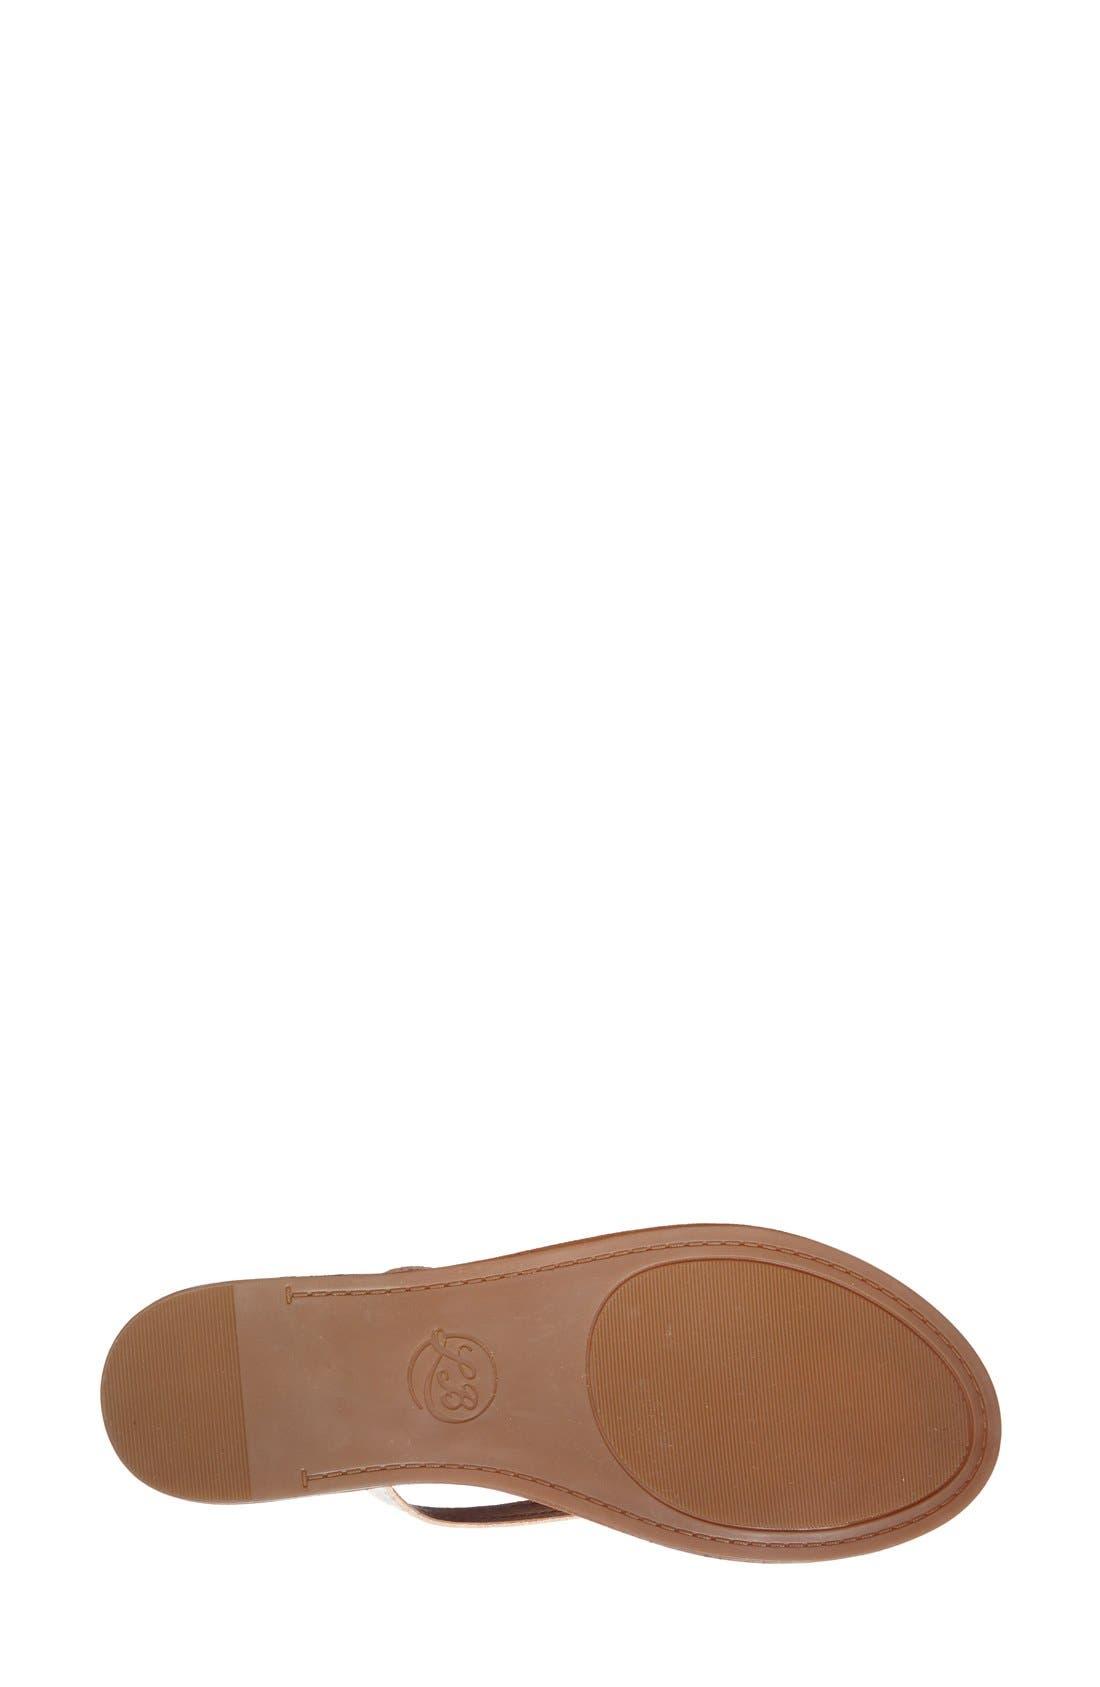 Alternate Image 4  - Lucky Brand 'Amberr' Leather Thong Sandal (Women)